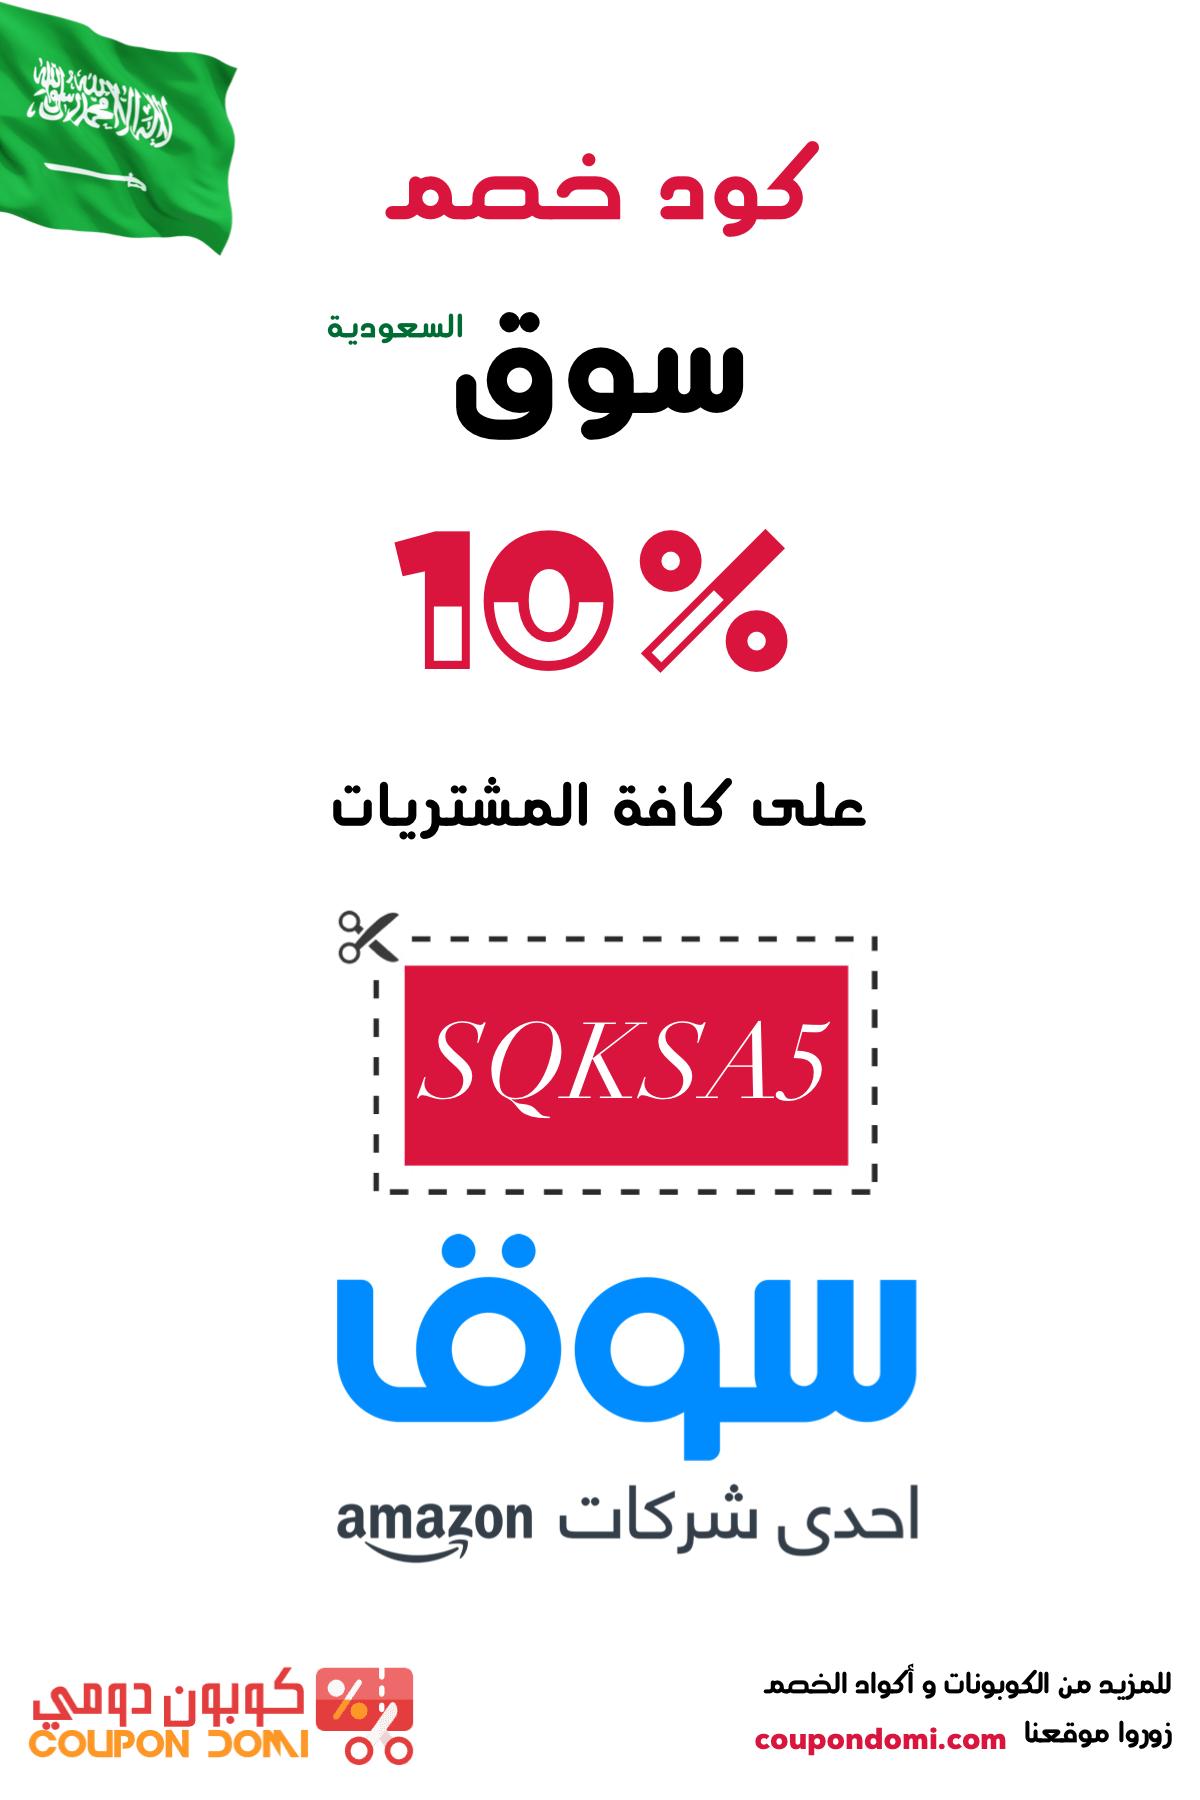 كود خصم سوق كوم السعودية 10